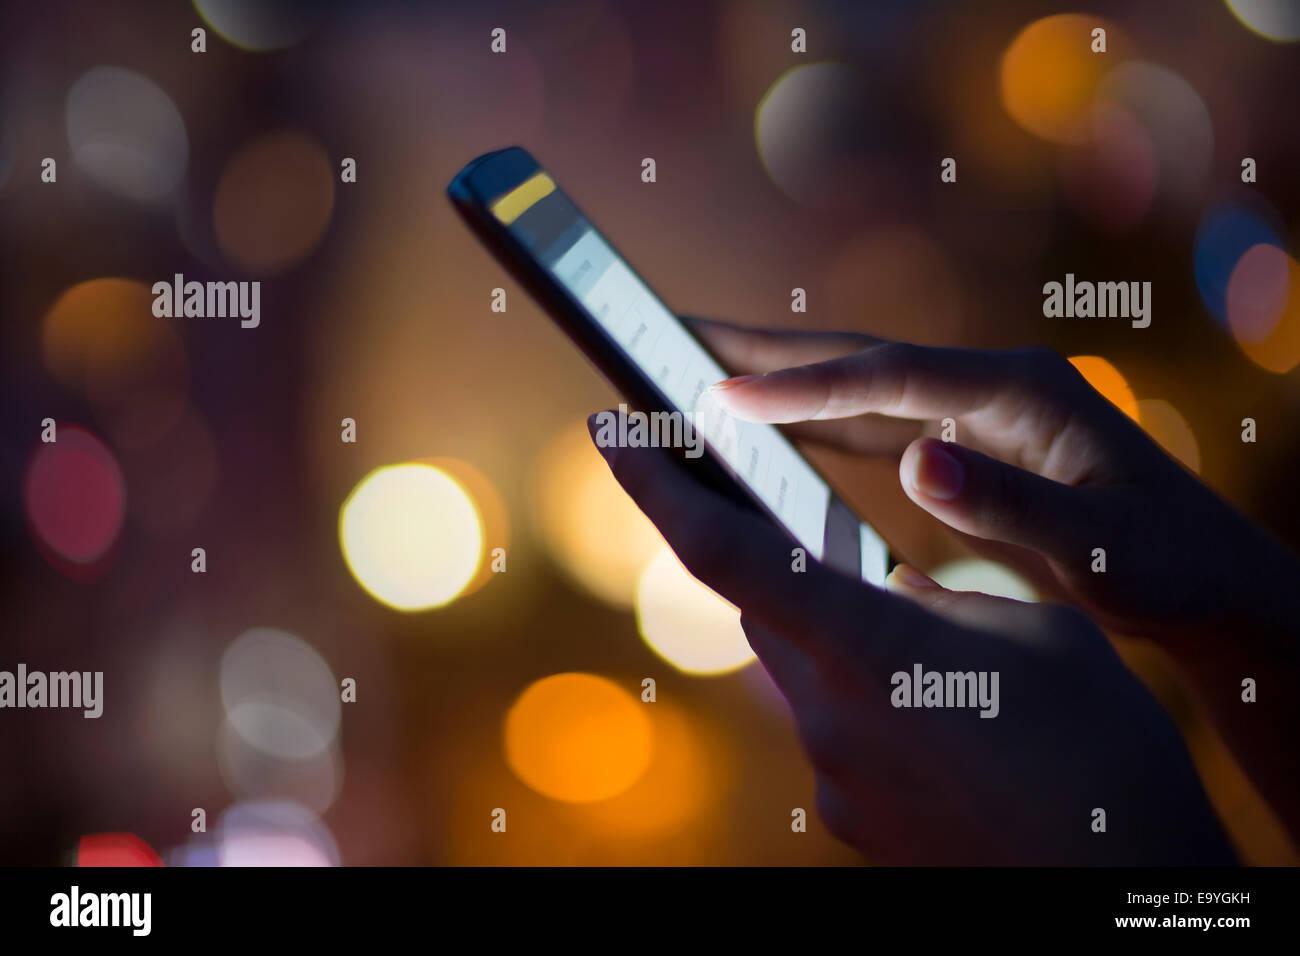 App adultos negocios antecedentes caucásicos móvil celular ciudad chica hembra de conexión de comunicación Imagen De Stock